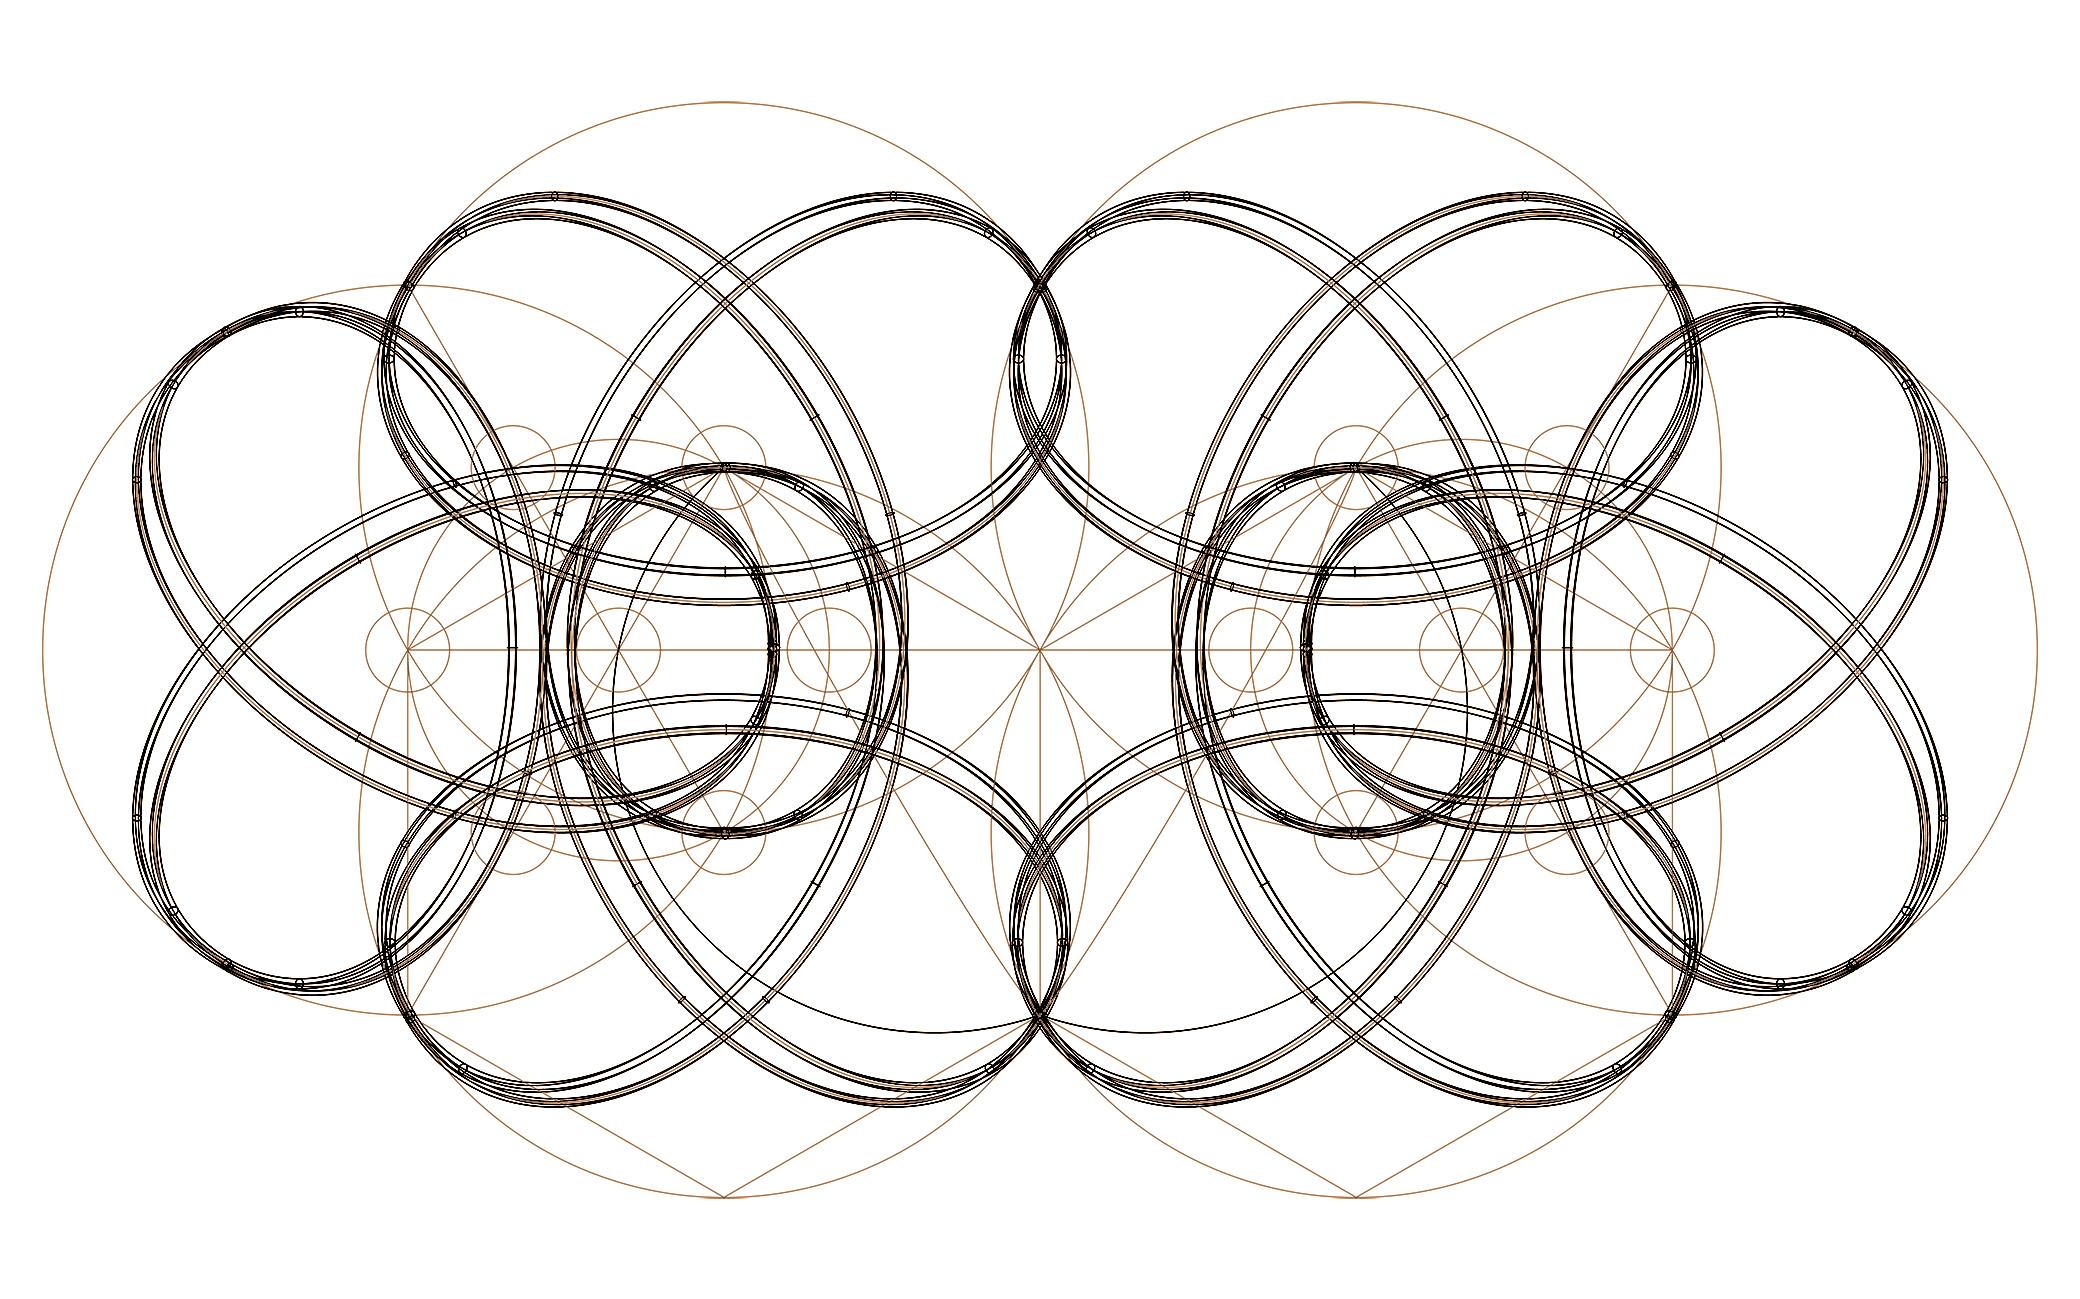 toroide fractal-Mode 3l.jpg